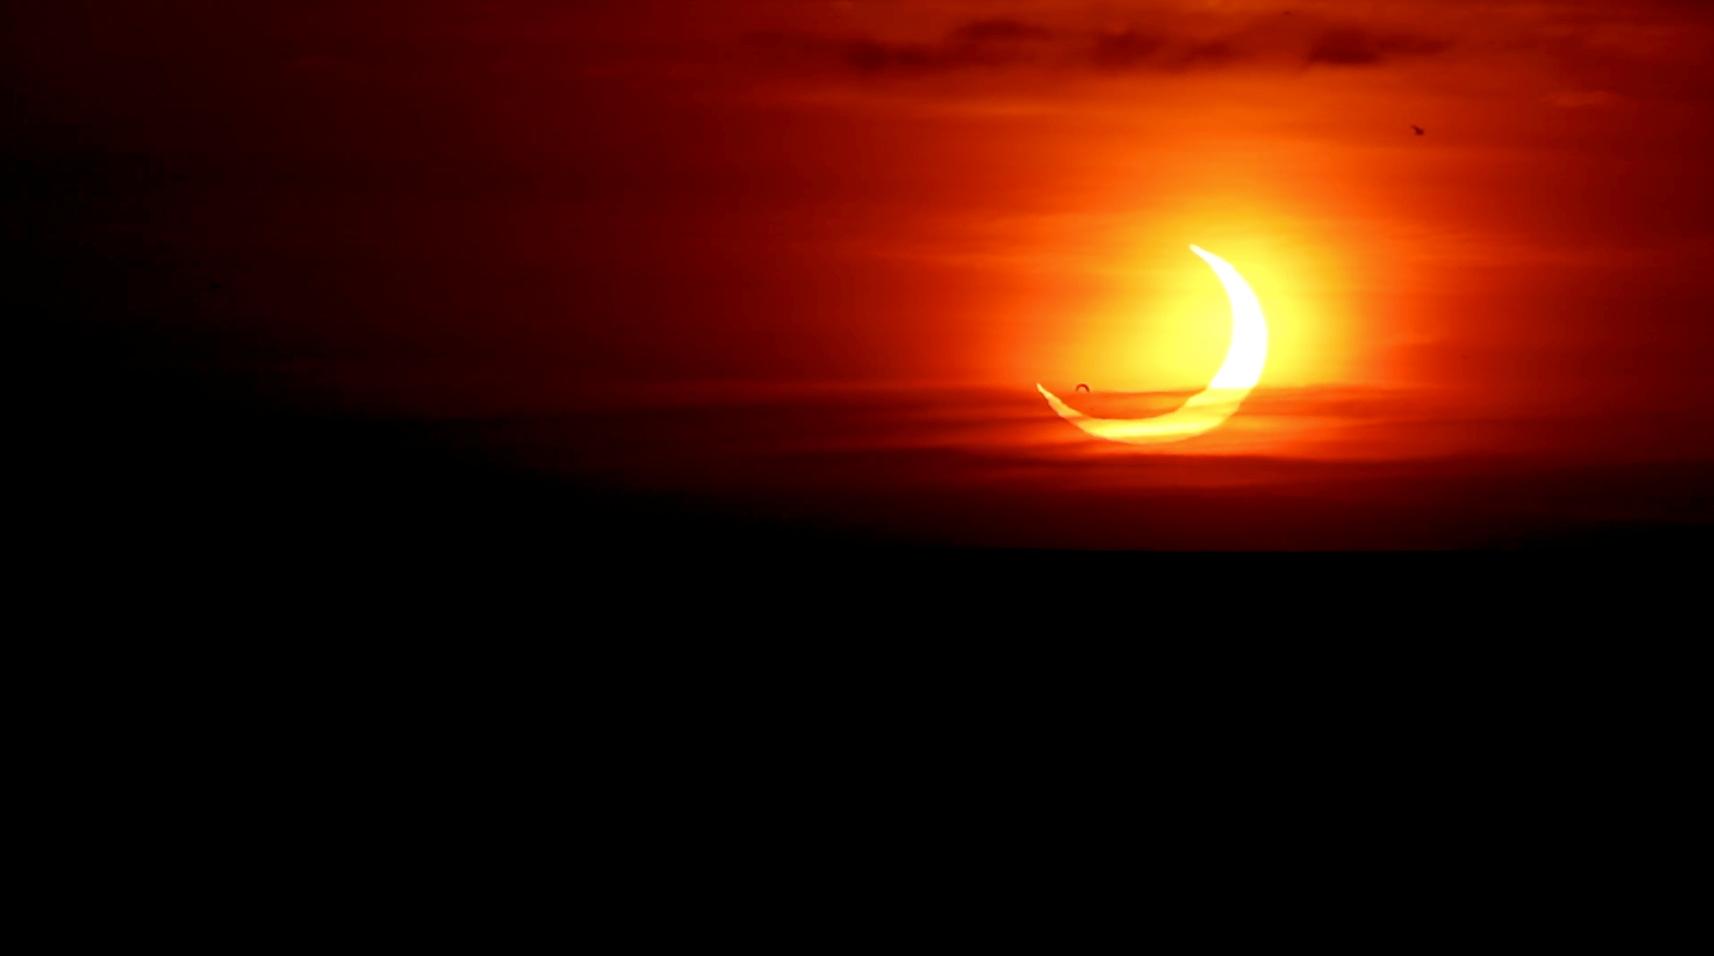 Pájaros volando por delante del eclipse parcial de Sol en St. Catharines, Ontario, Canadá.